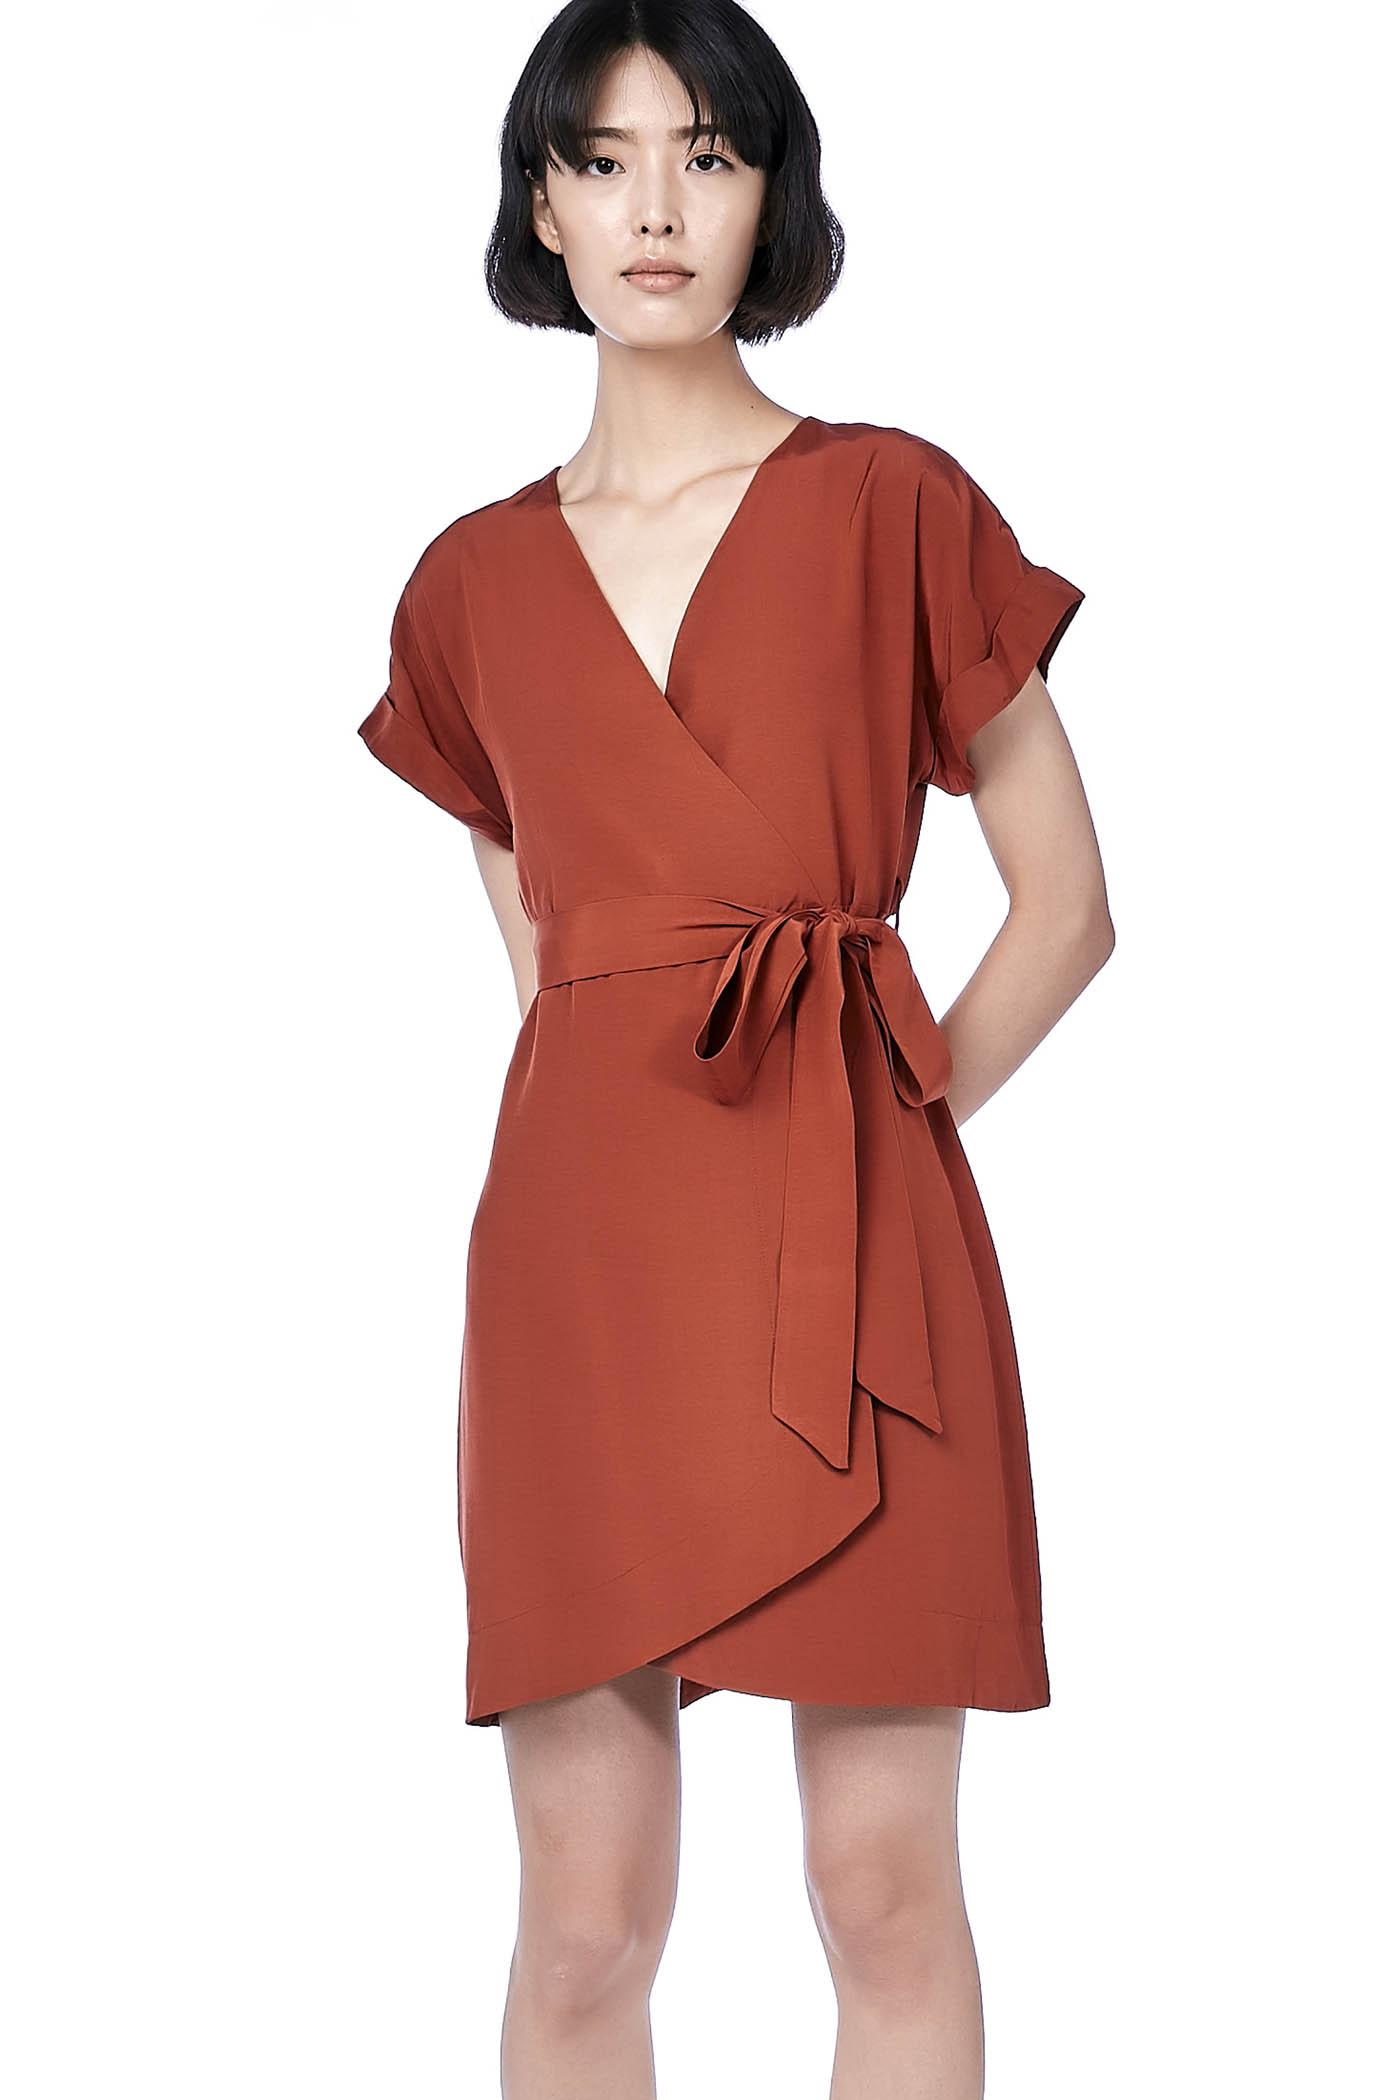 Sani V-Neck Dress